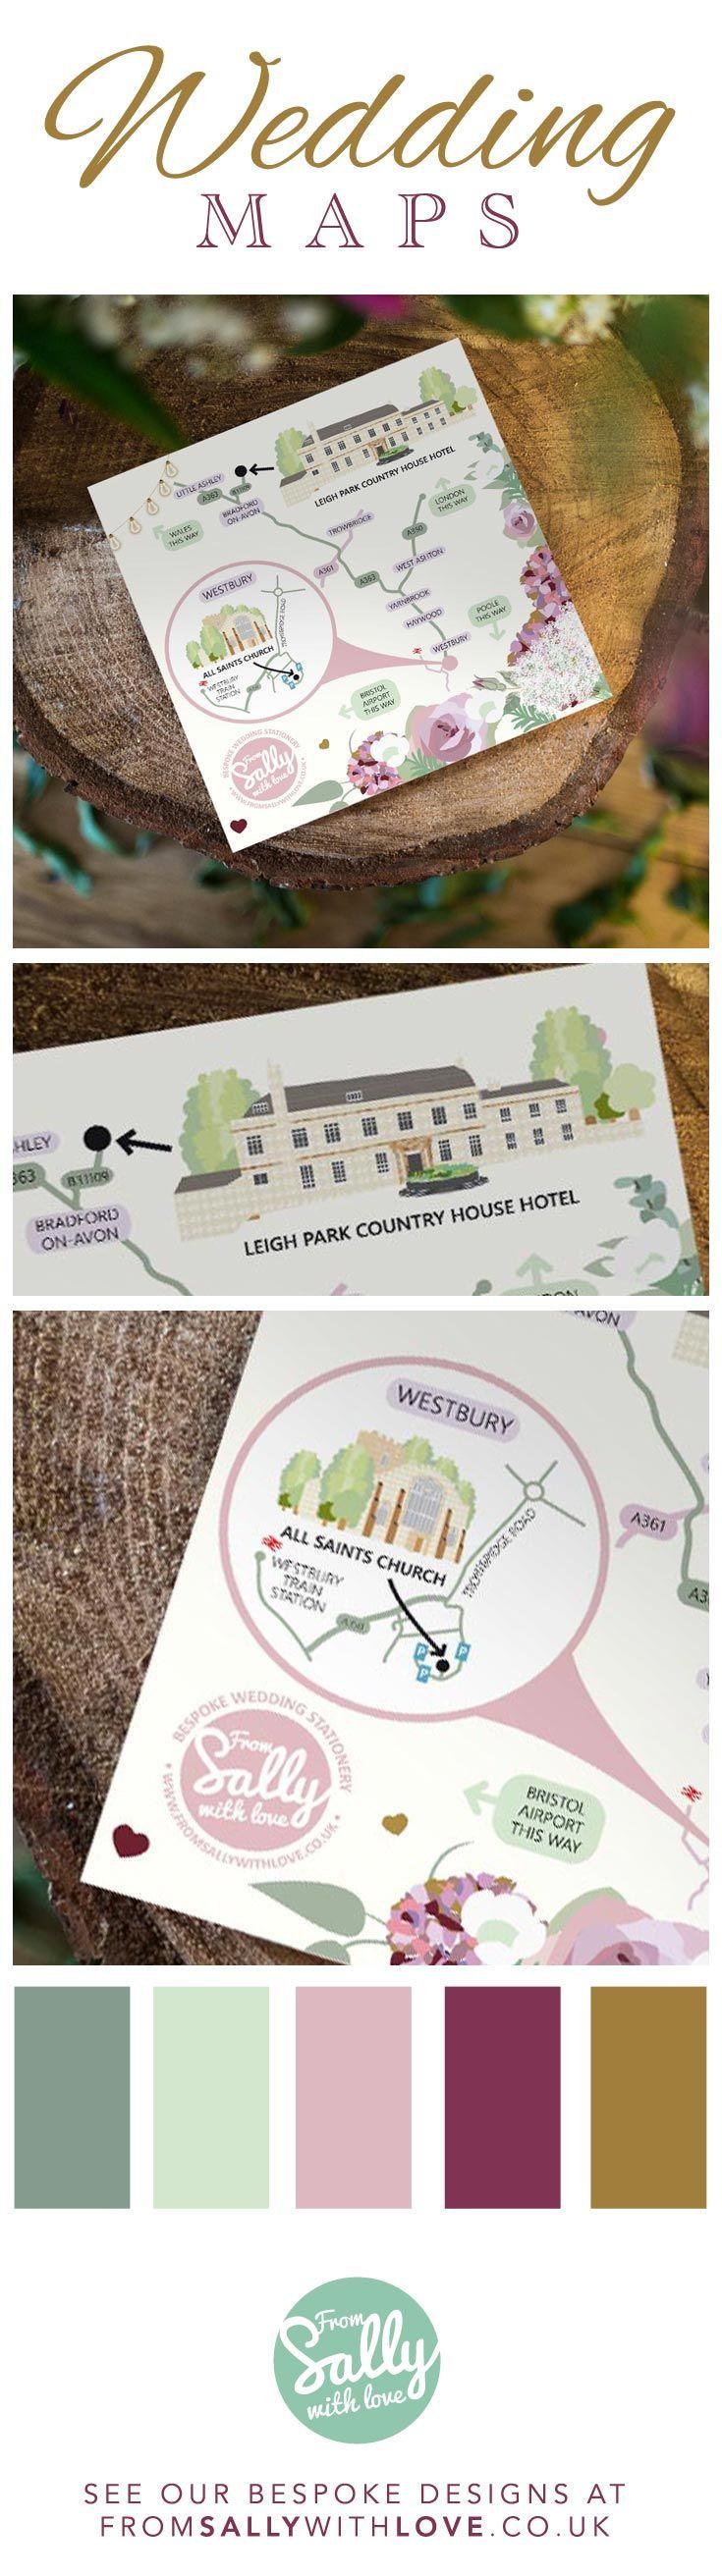 22 best Bespoke Wedding Maps - Wedding Stationery images on ...